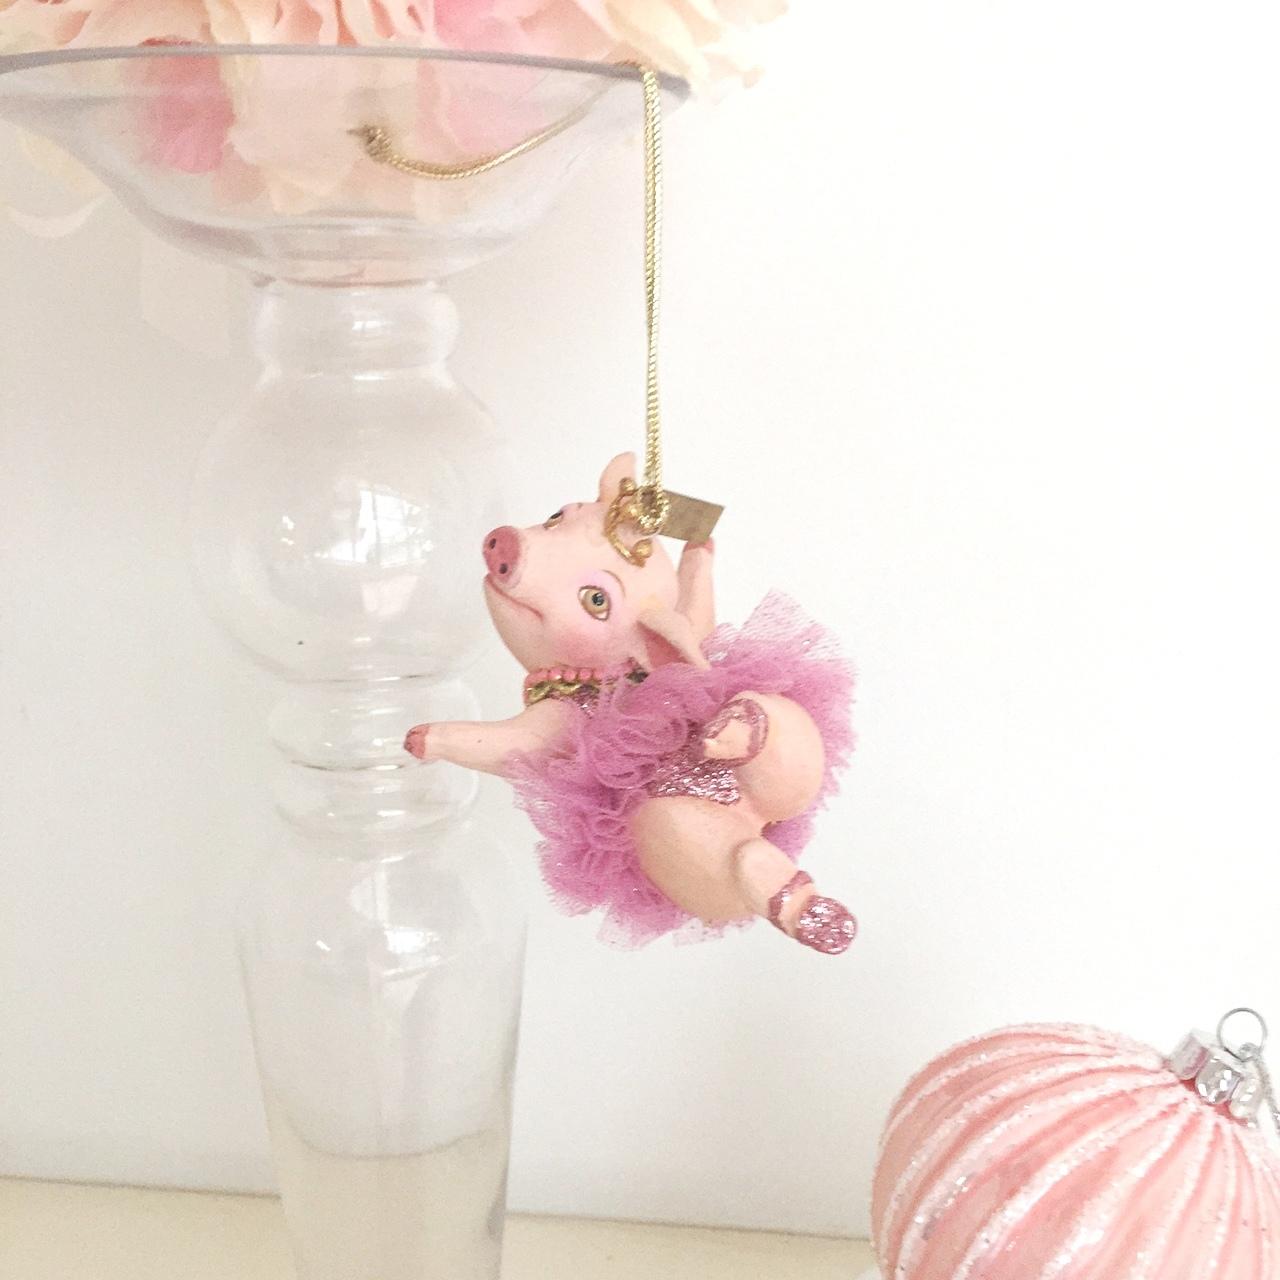 今年はノーブルなピンクが気分のクリスマス!_f0083294_22342400.jpg